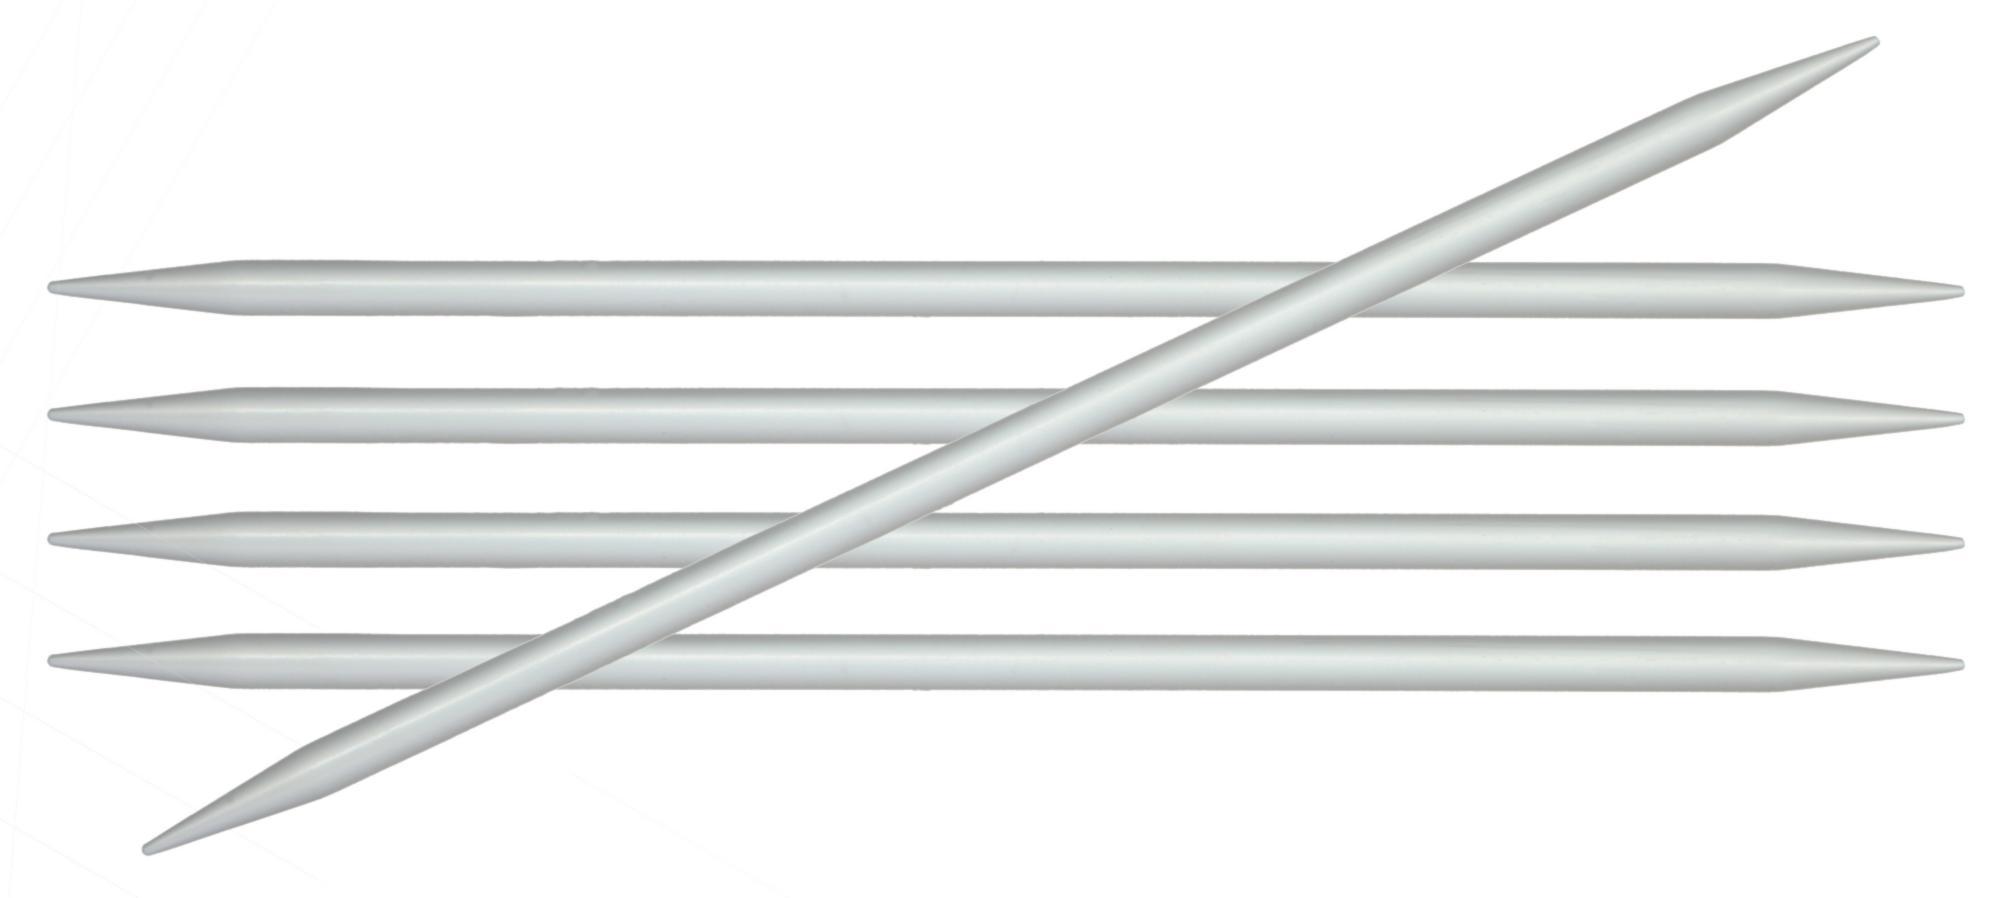 Спицы носочные 20 см Basix Aluminium KnitPro, 45120, 3.25 мм